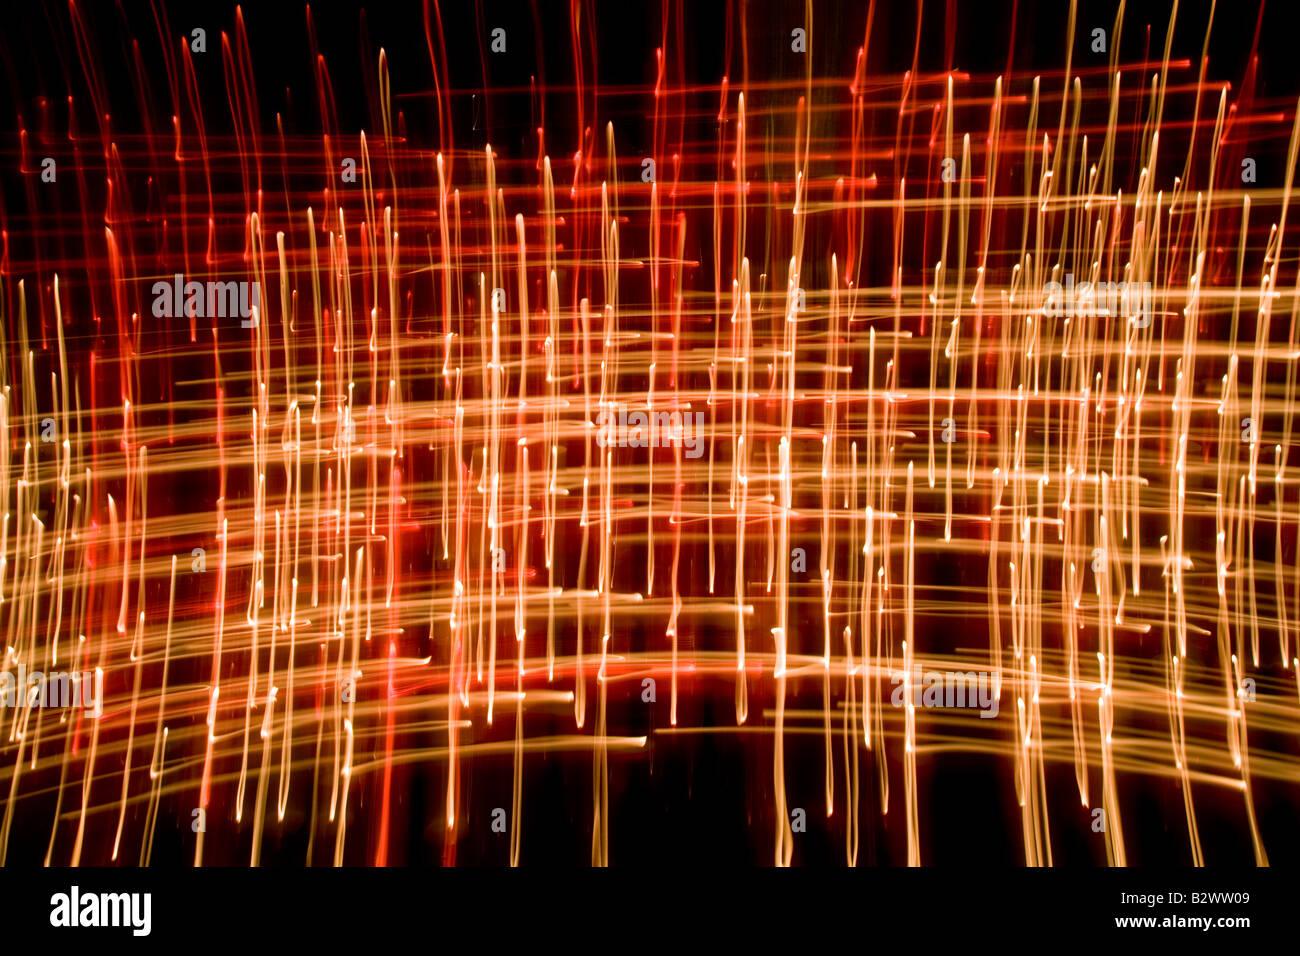 Les flammes de bougies Résumé prises avec une vitesse d'obturation lente dans une cathédraleBanque D'Images